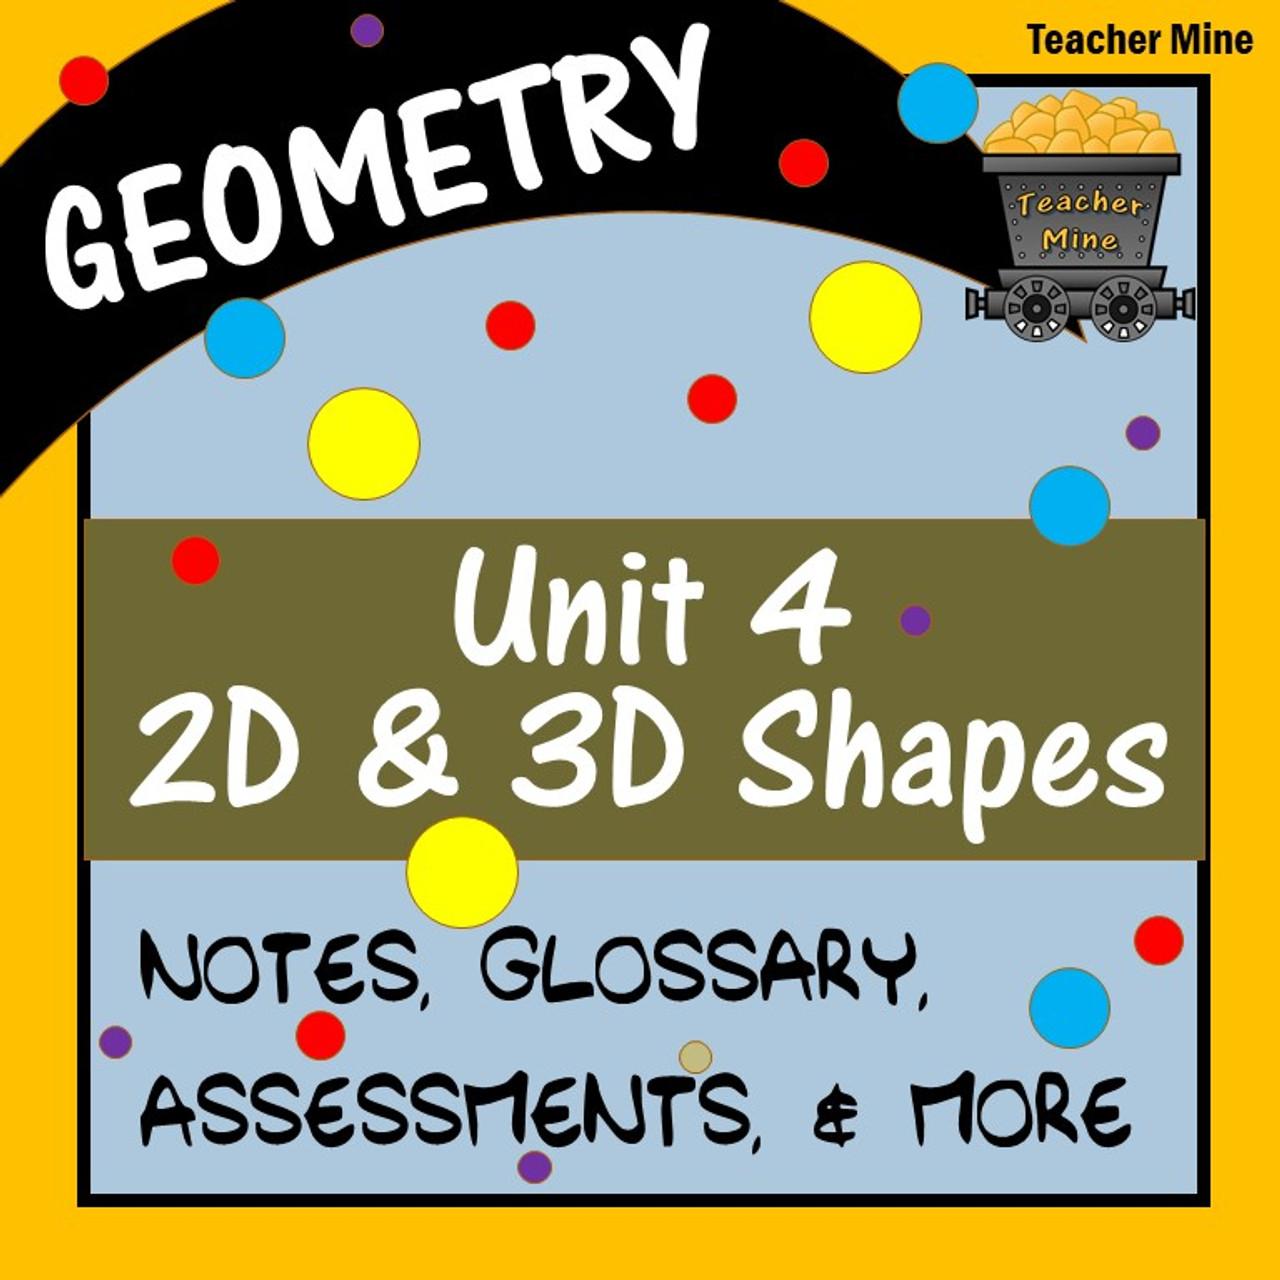 2D \u0026 3D Shapes: Perimeter [ 1280 x 1280 Pixel ]